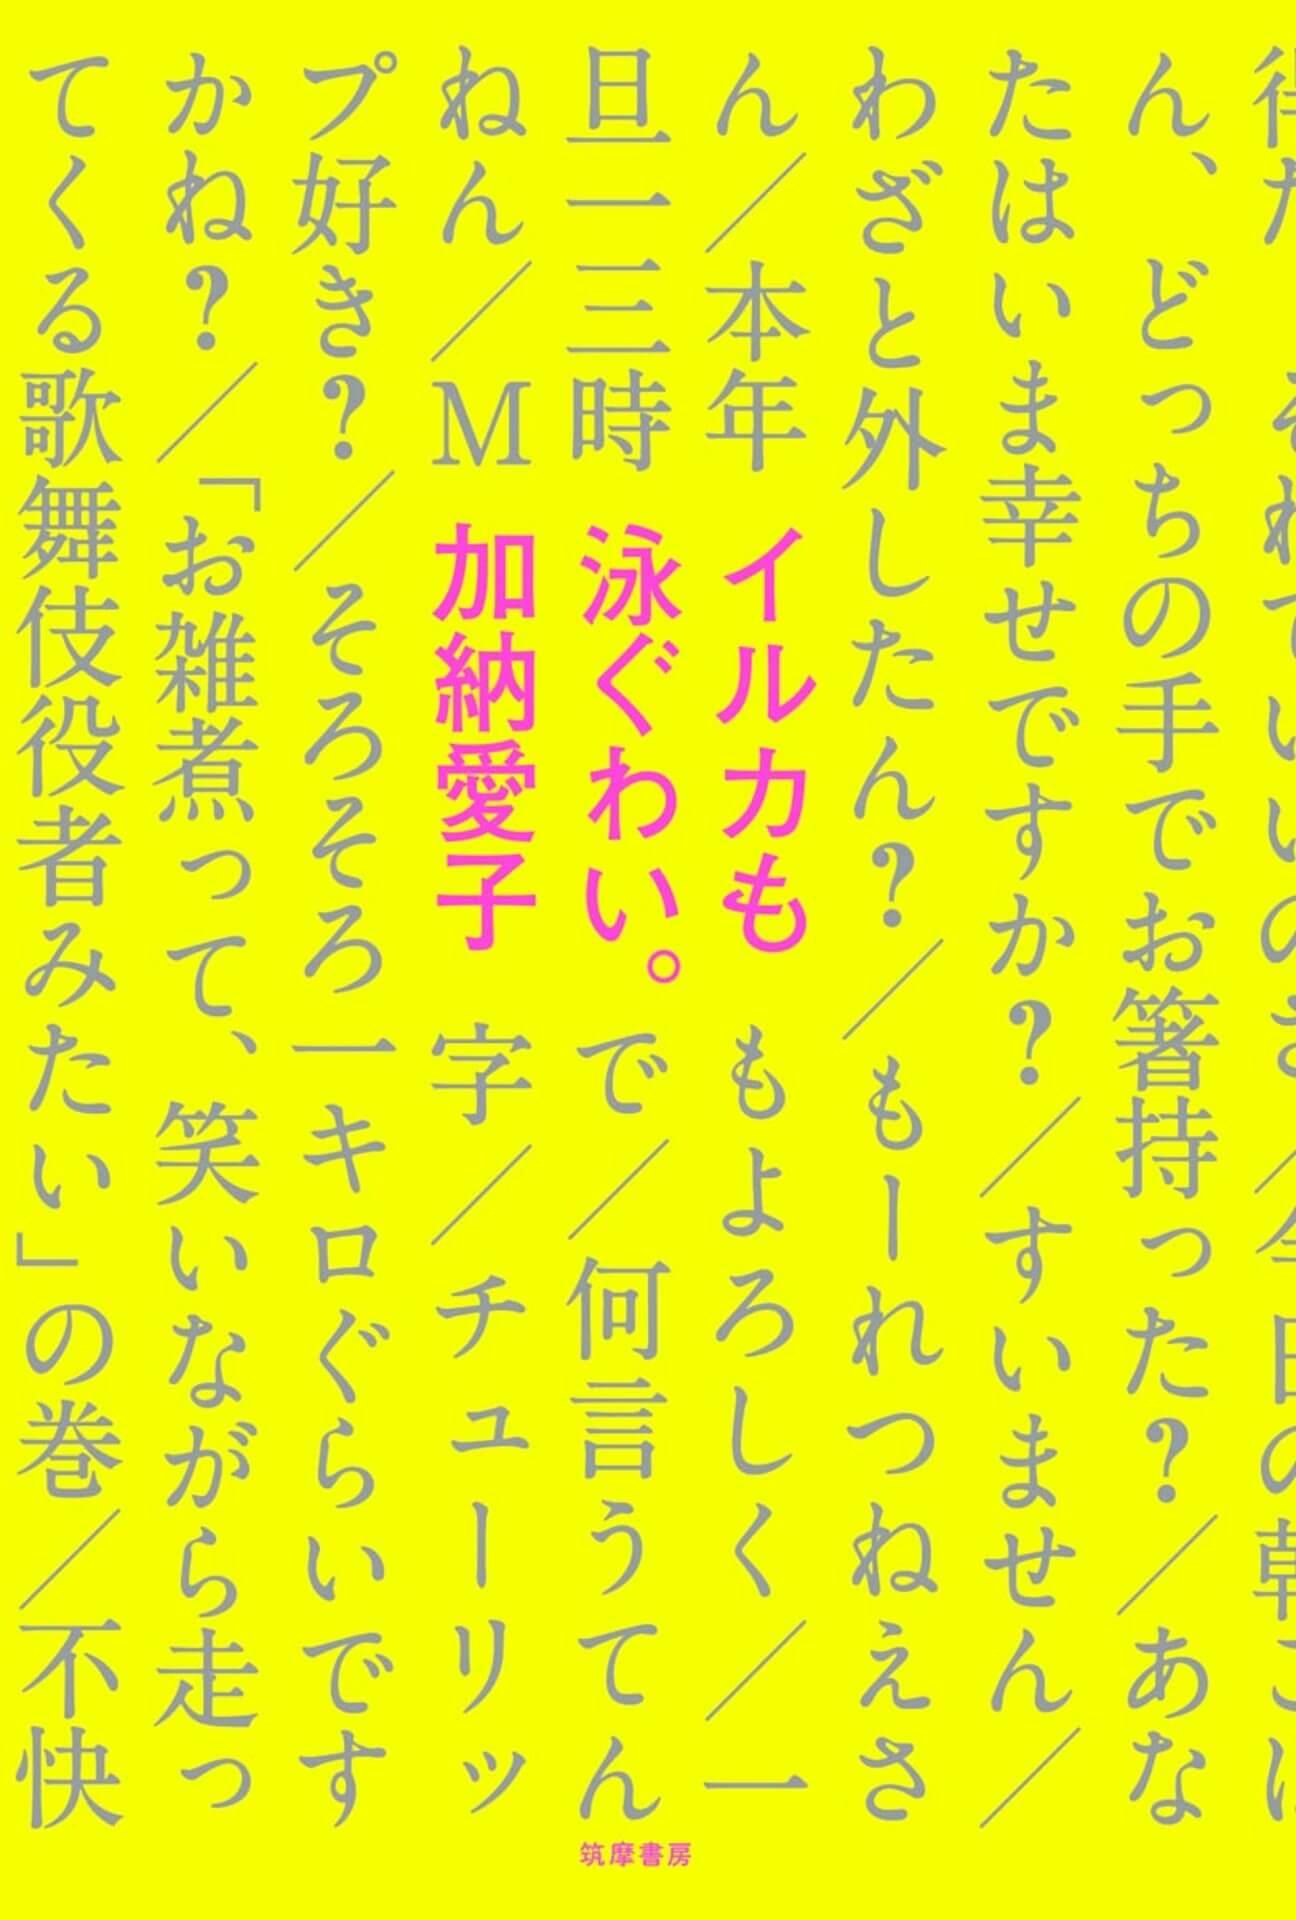 コラム:押し寄せる「恥ずい」を乗り越えて|Aマッソ加納愛子が、初著書『イルカも泳ぐわい。』で見せた想像力の跳躍 column201229_irukamooyoguwai_main